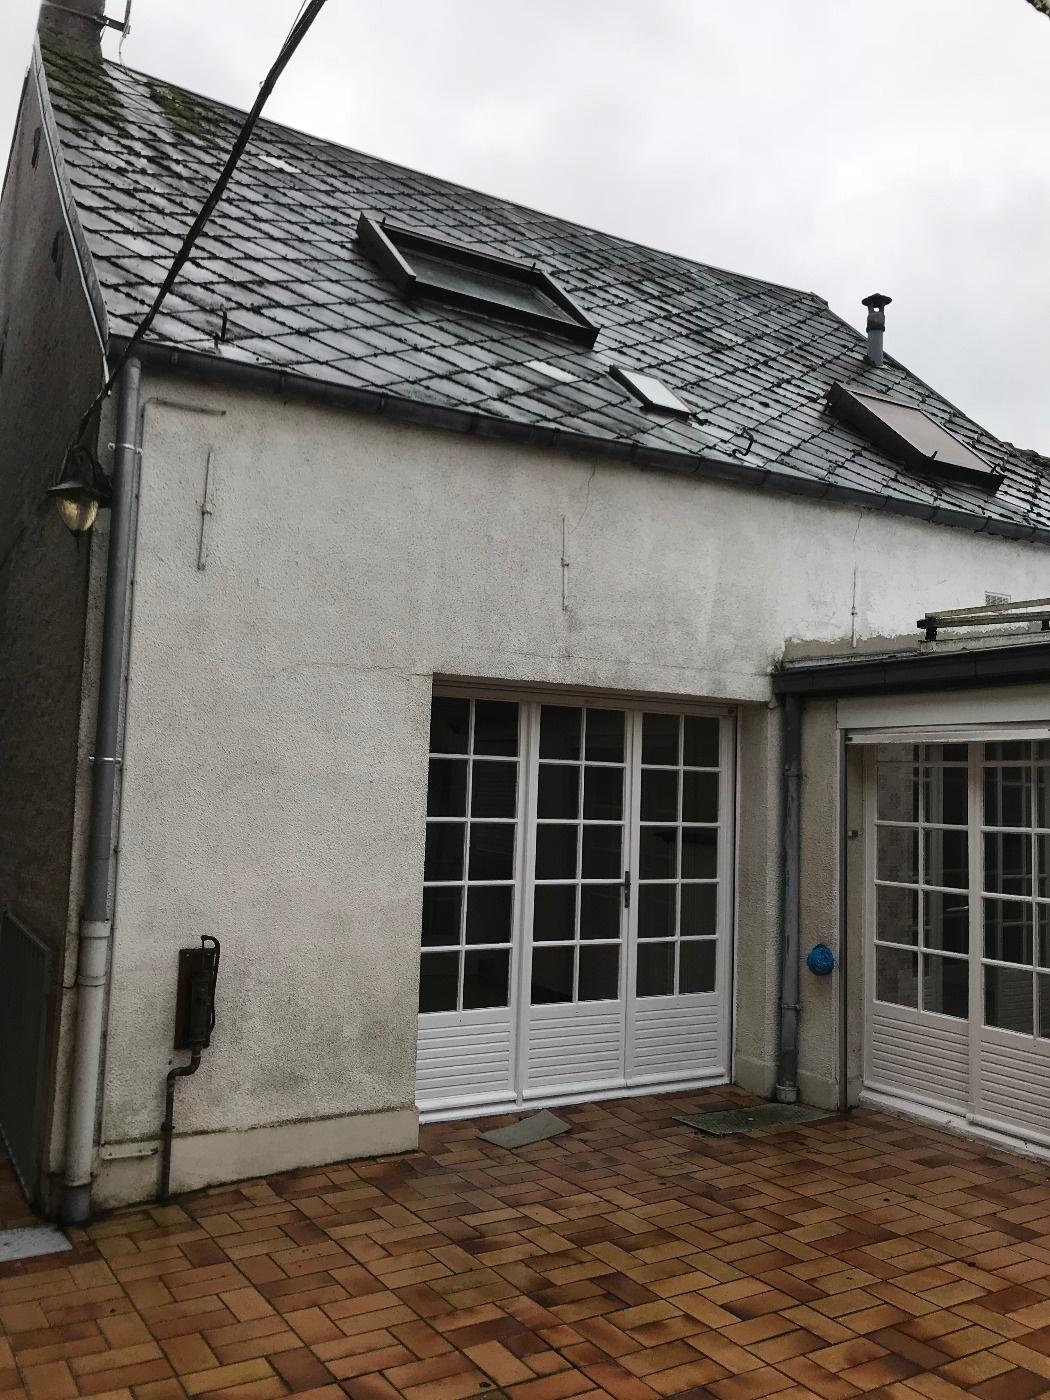 Location maison 3 chambres avec jardin garage - Recherche maison a louer avec jardin ...